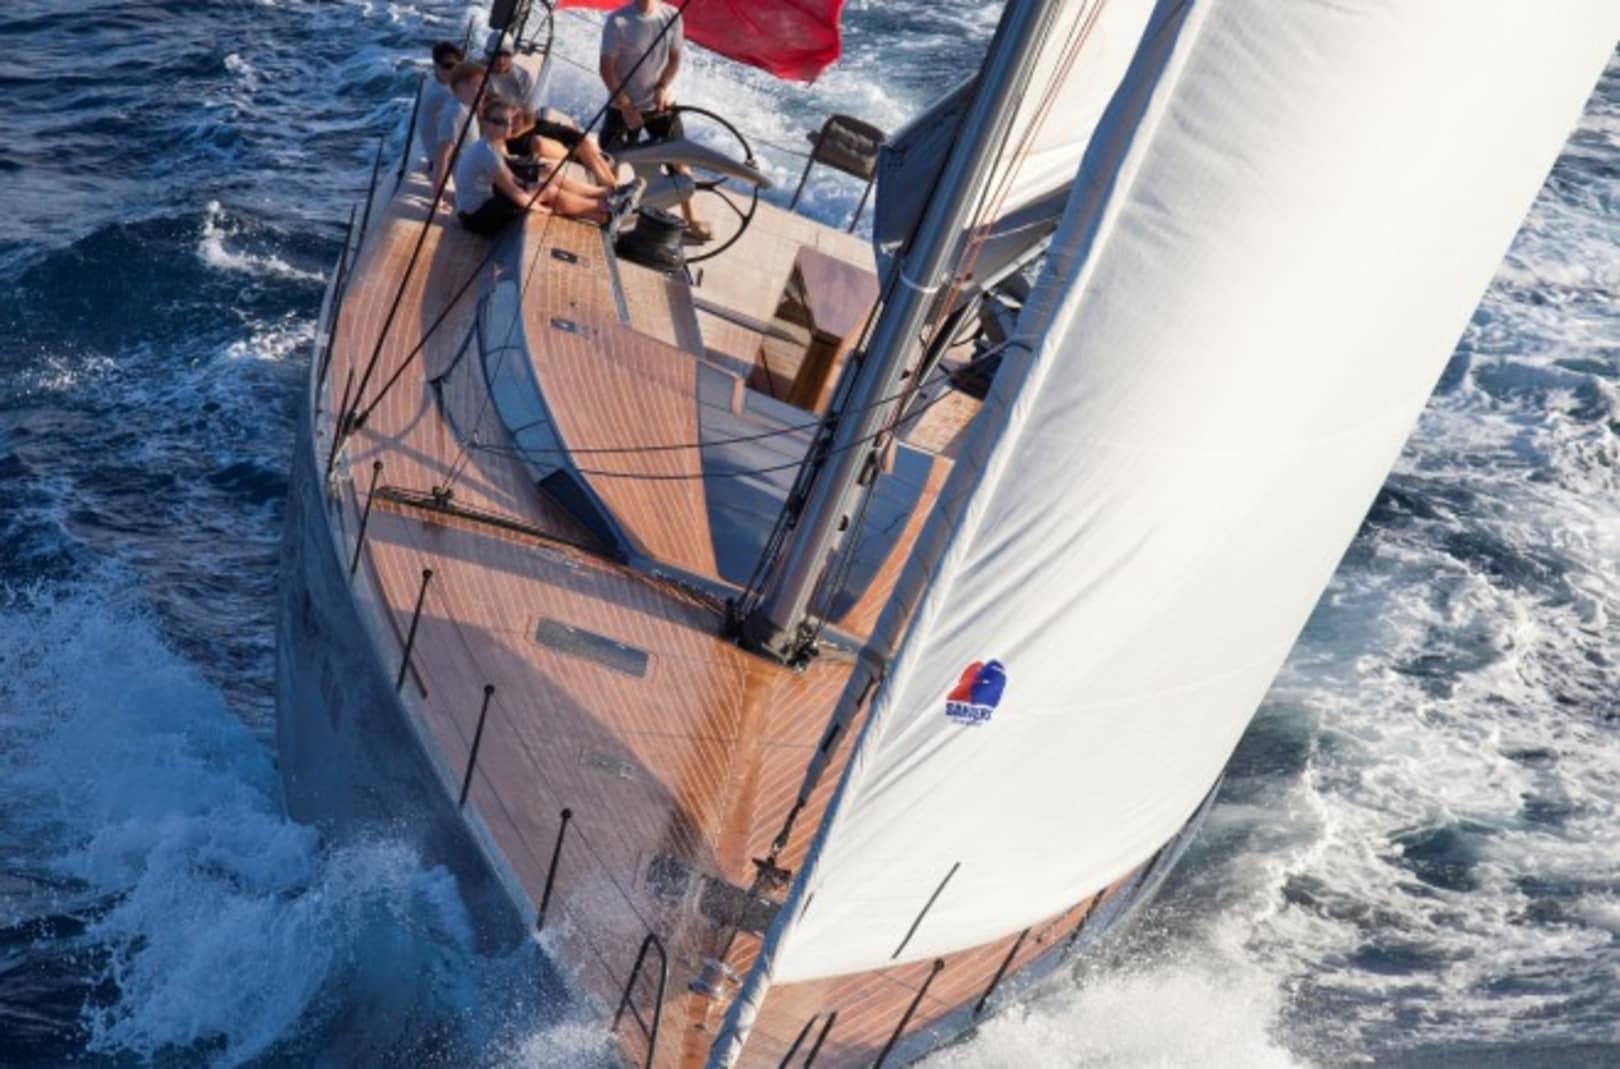 Aegir Yacht for Sale - Carbon Ocean Yachts Luxury Yacht